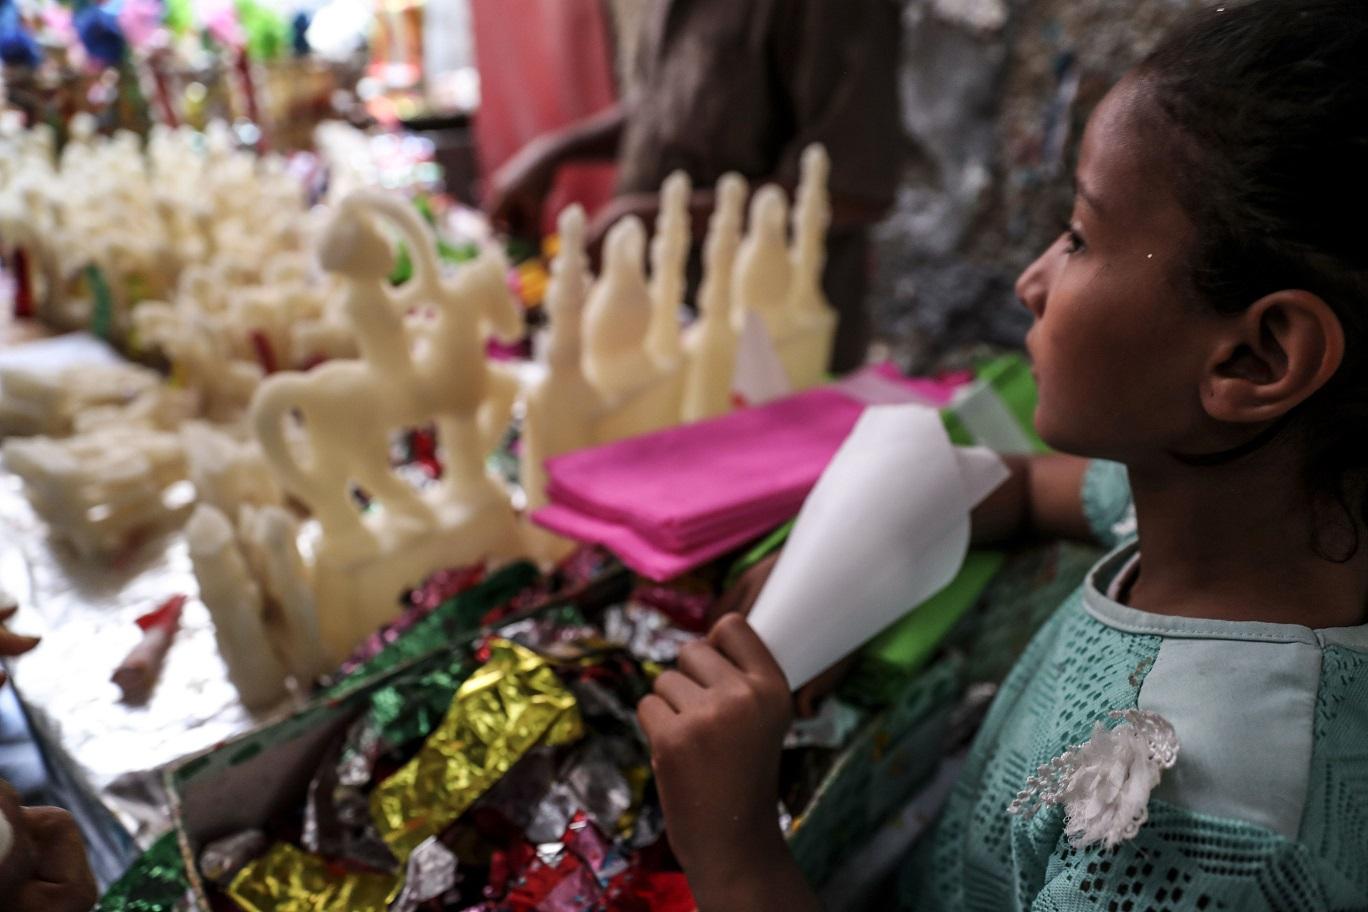 صناعة حلوى المولد في شارع باب البحر - أ.ف. ب